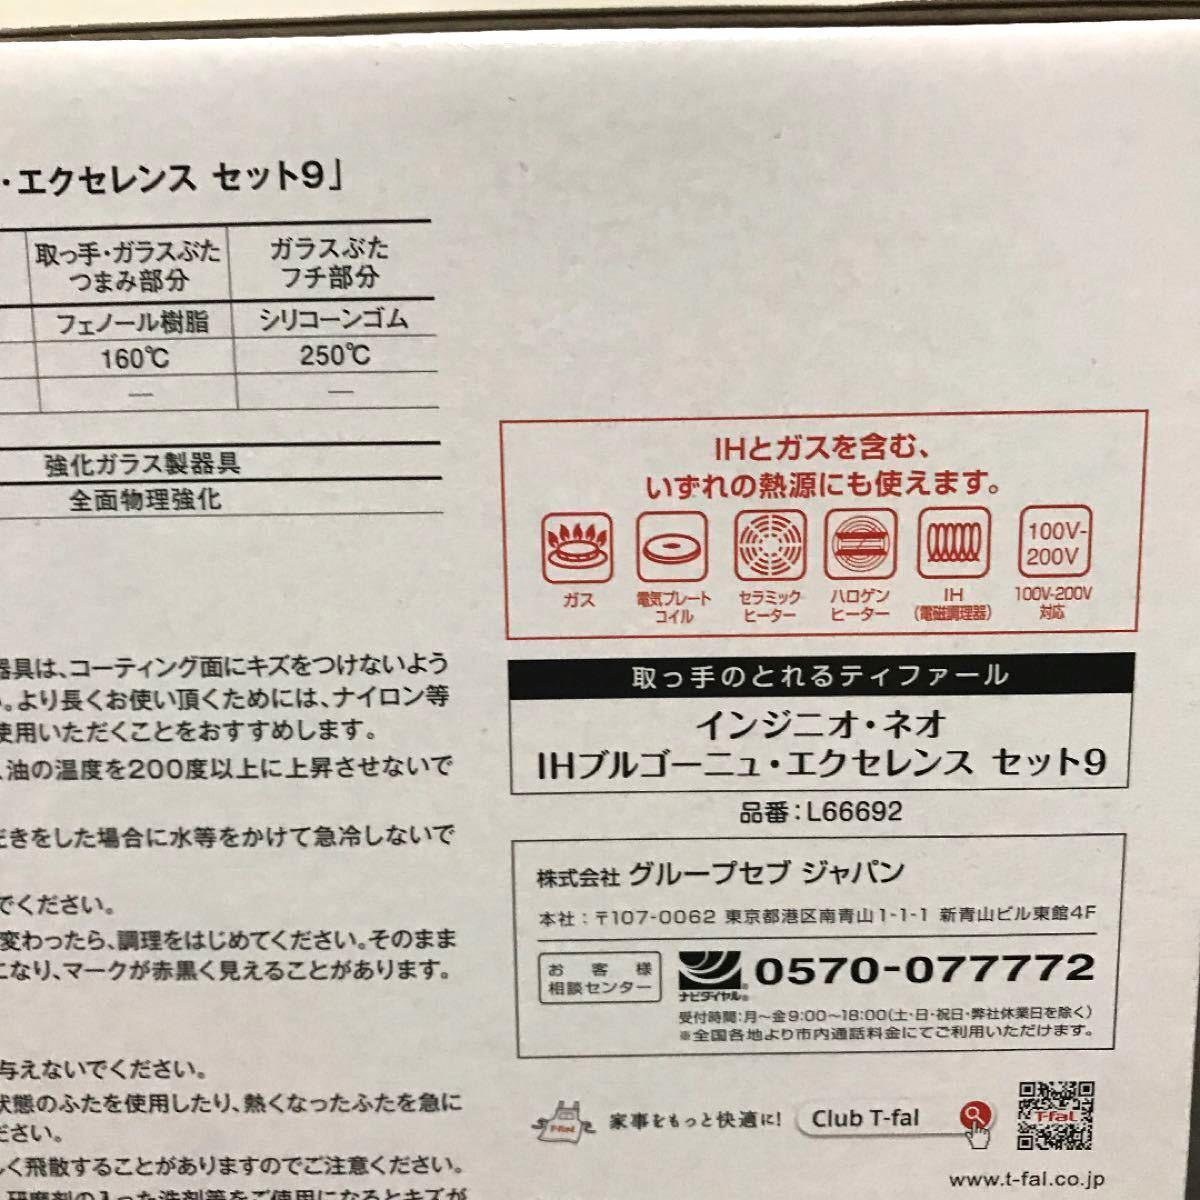 【新品未使用・未開封】 2021.5.31日購入 ティファール インジニオネオ ブルゴーニュエクセレンス 9点  IH・ガス対応